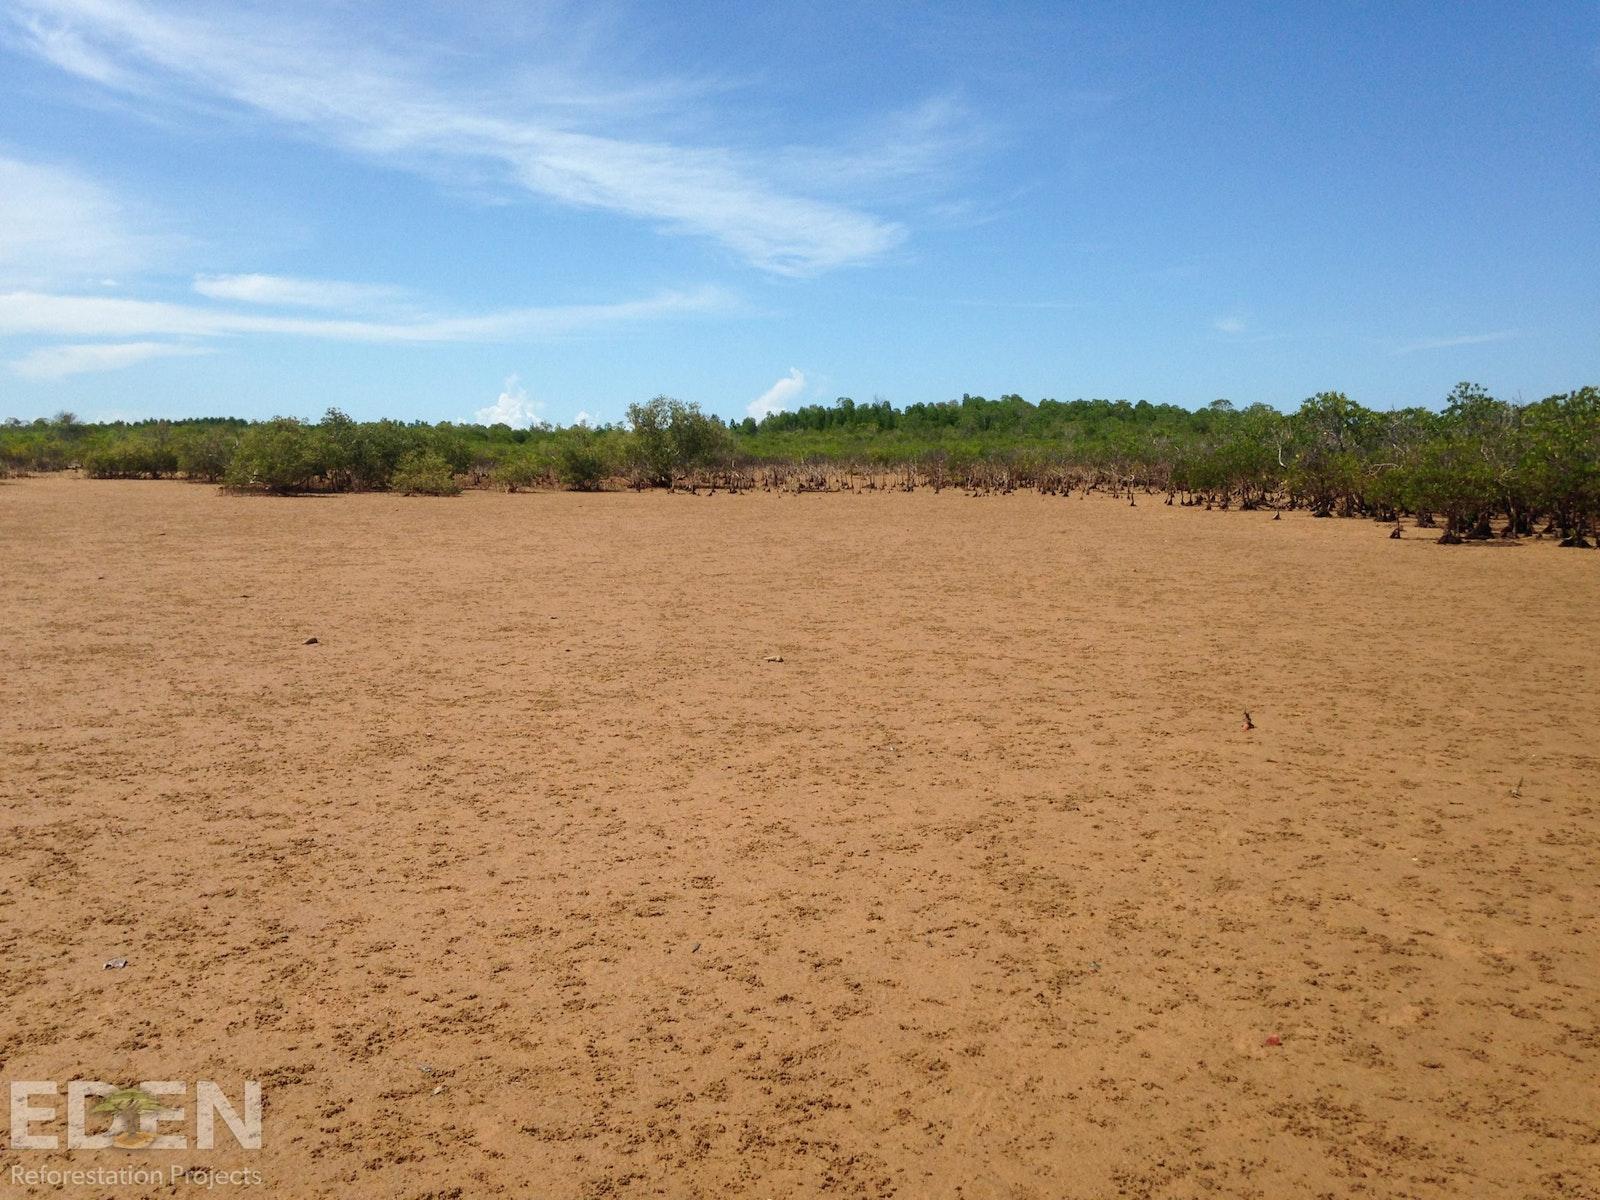 Vast plain of deforested land.